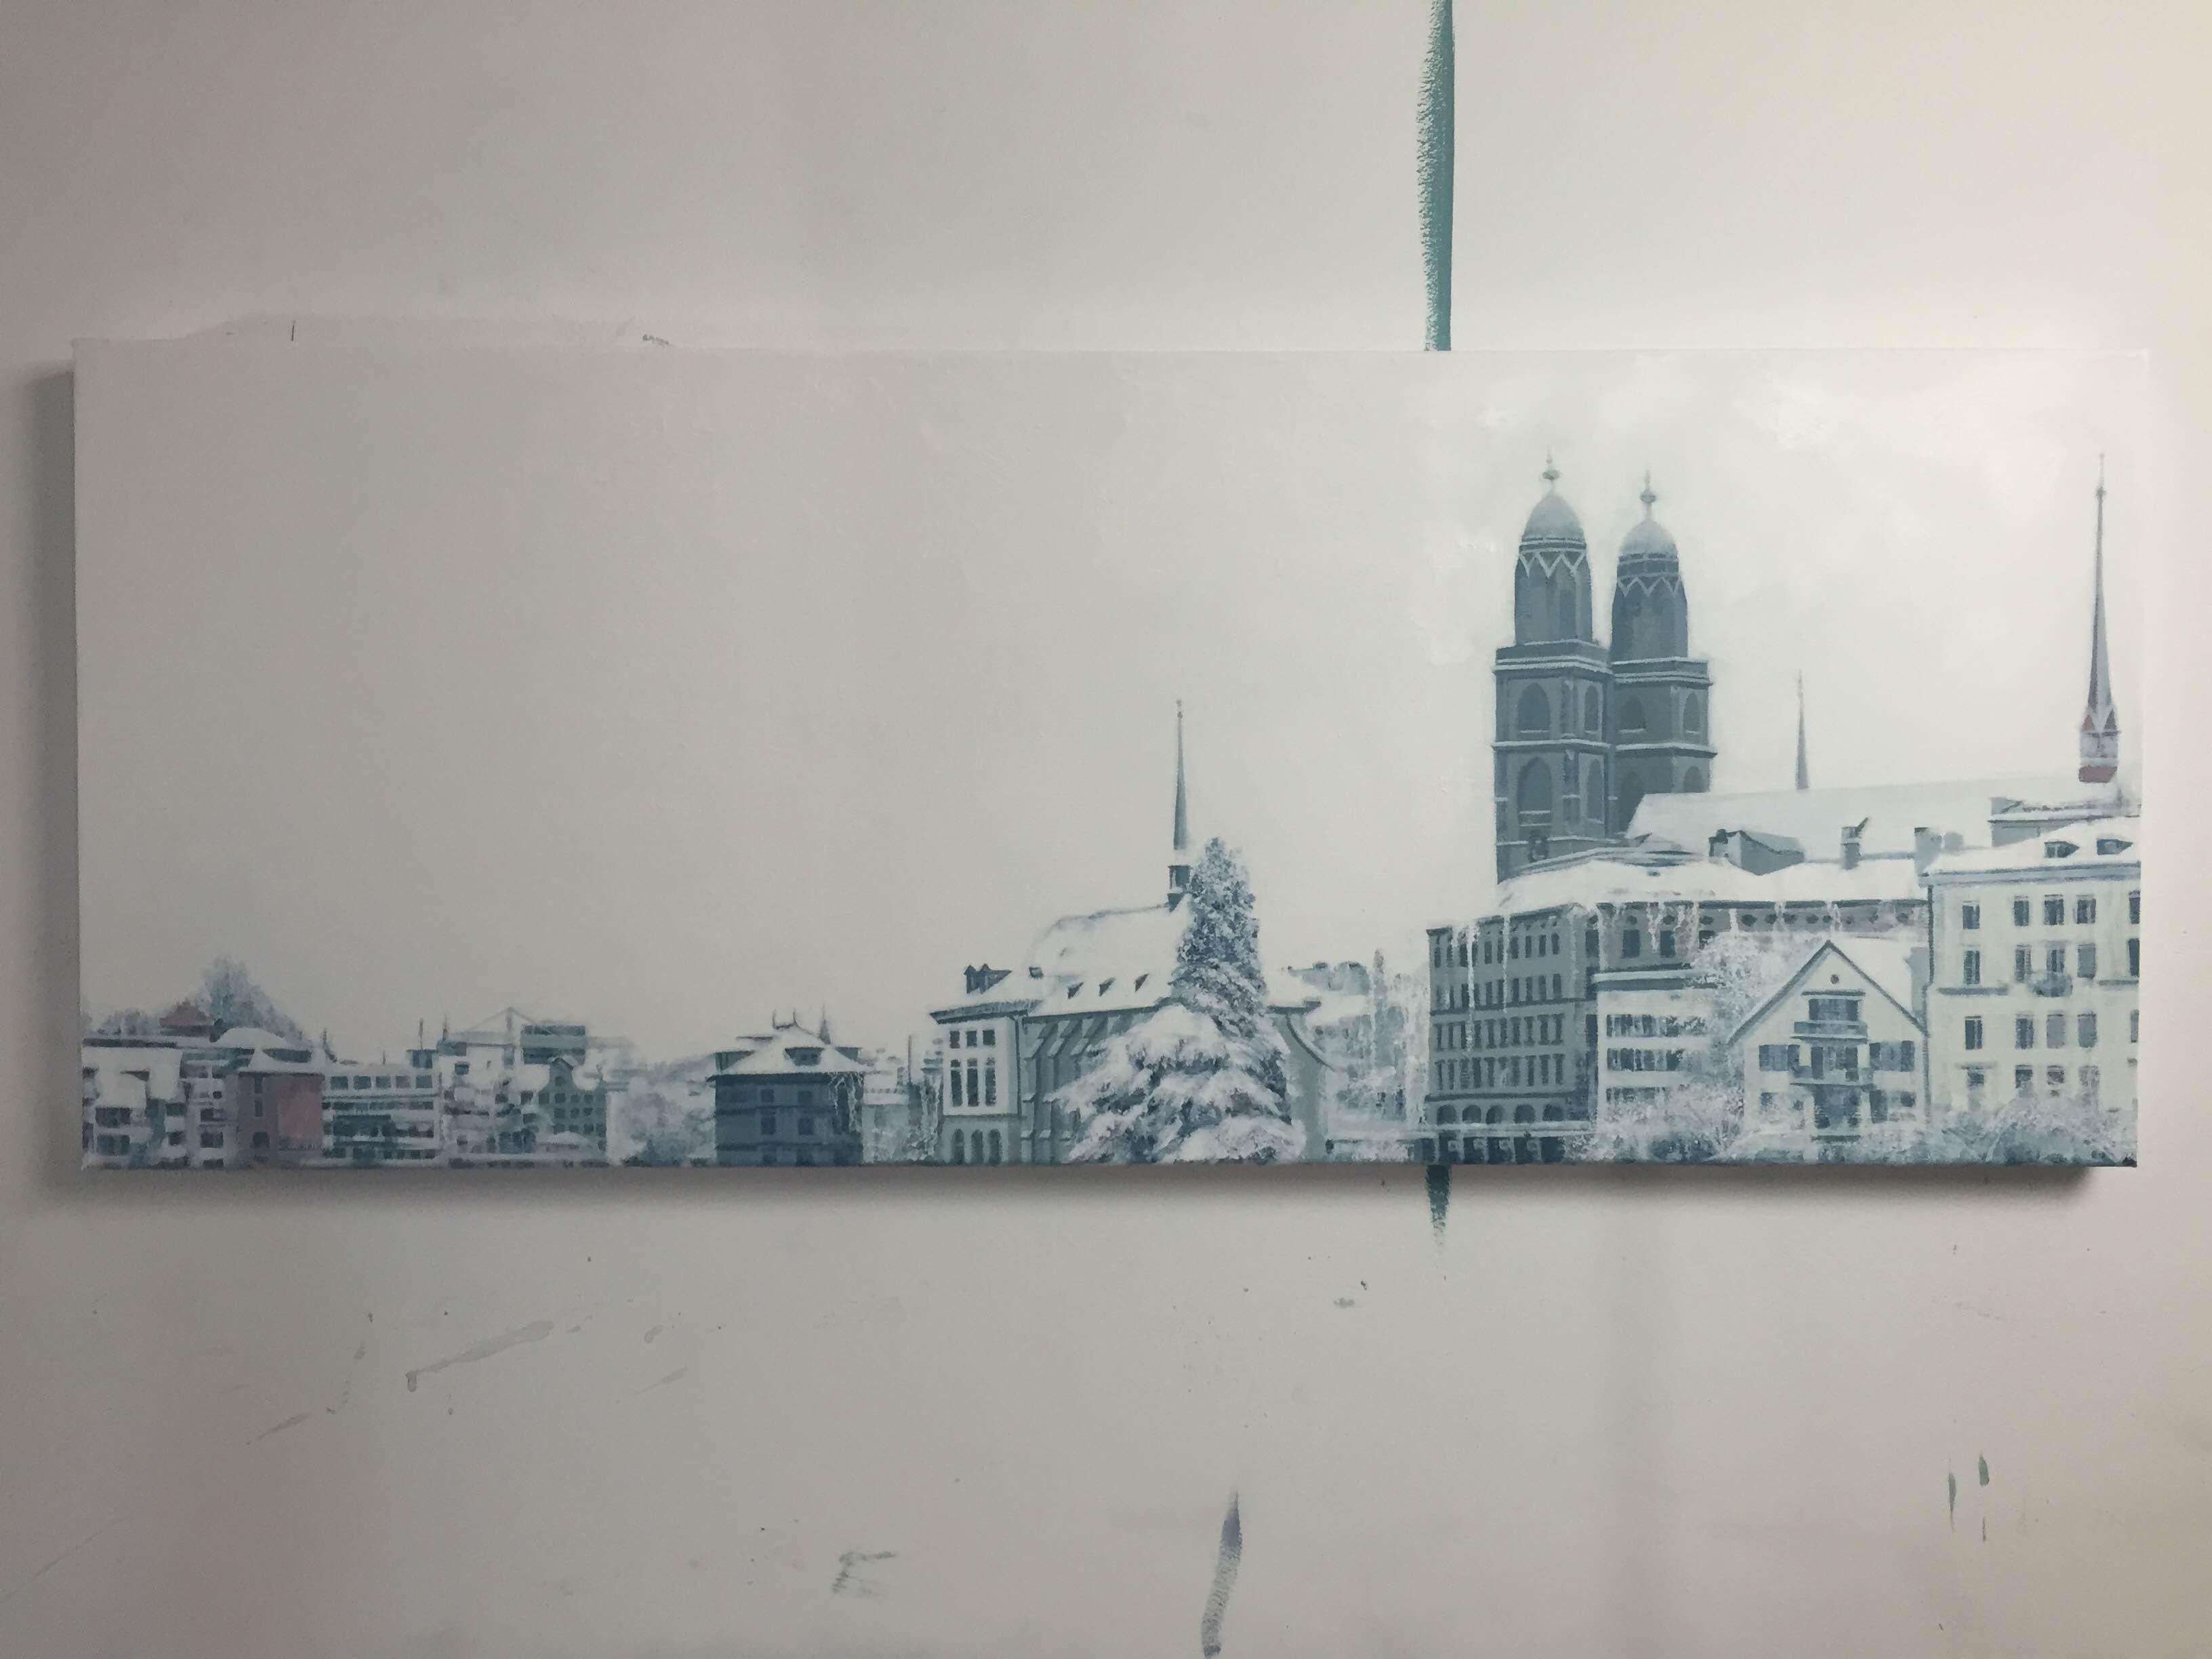 'Snowing in Zurich' - Onur Dinc